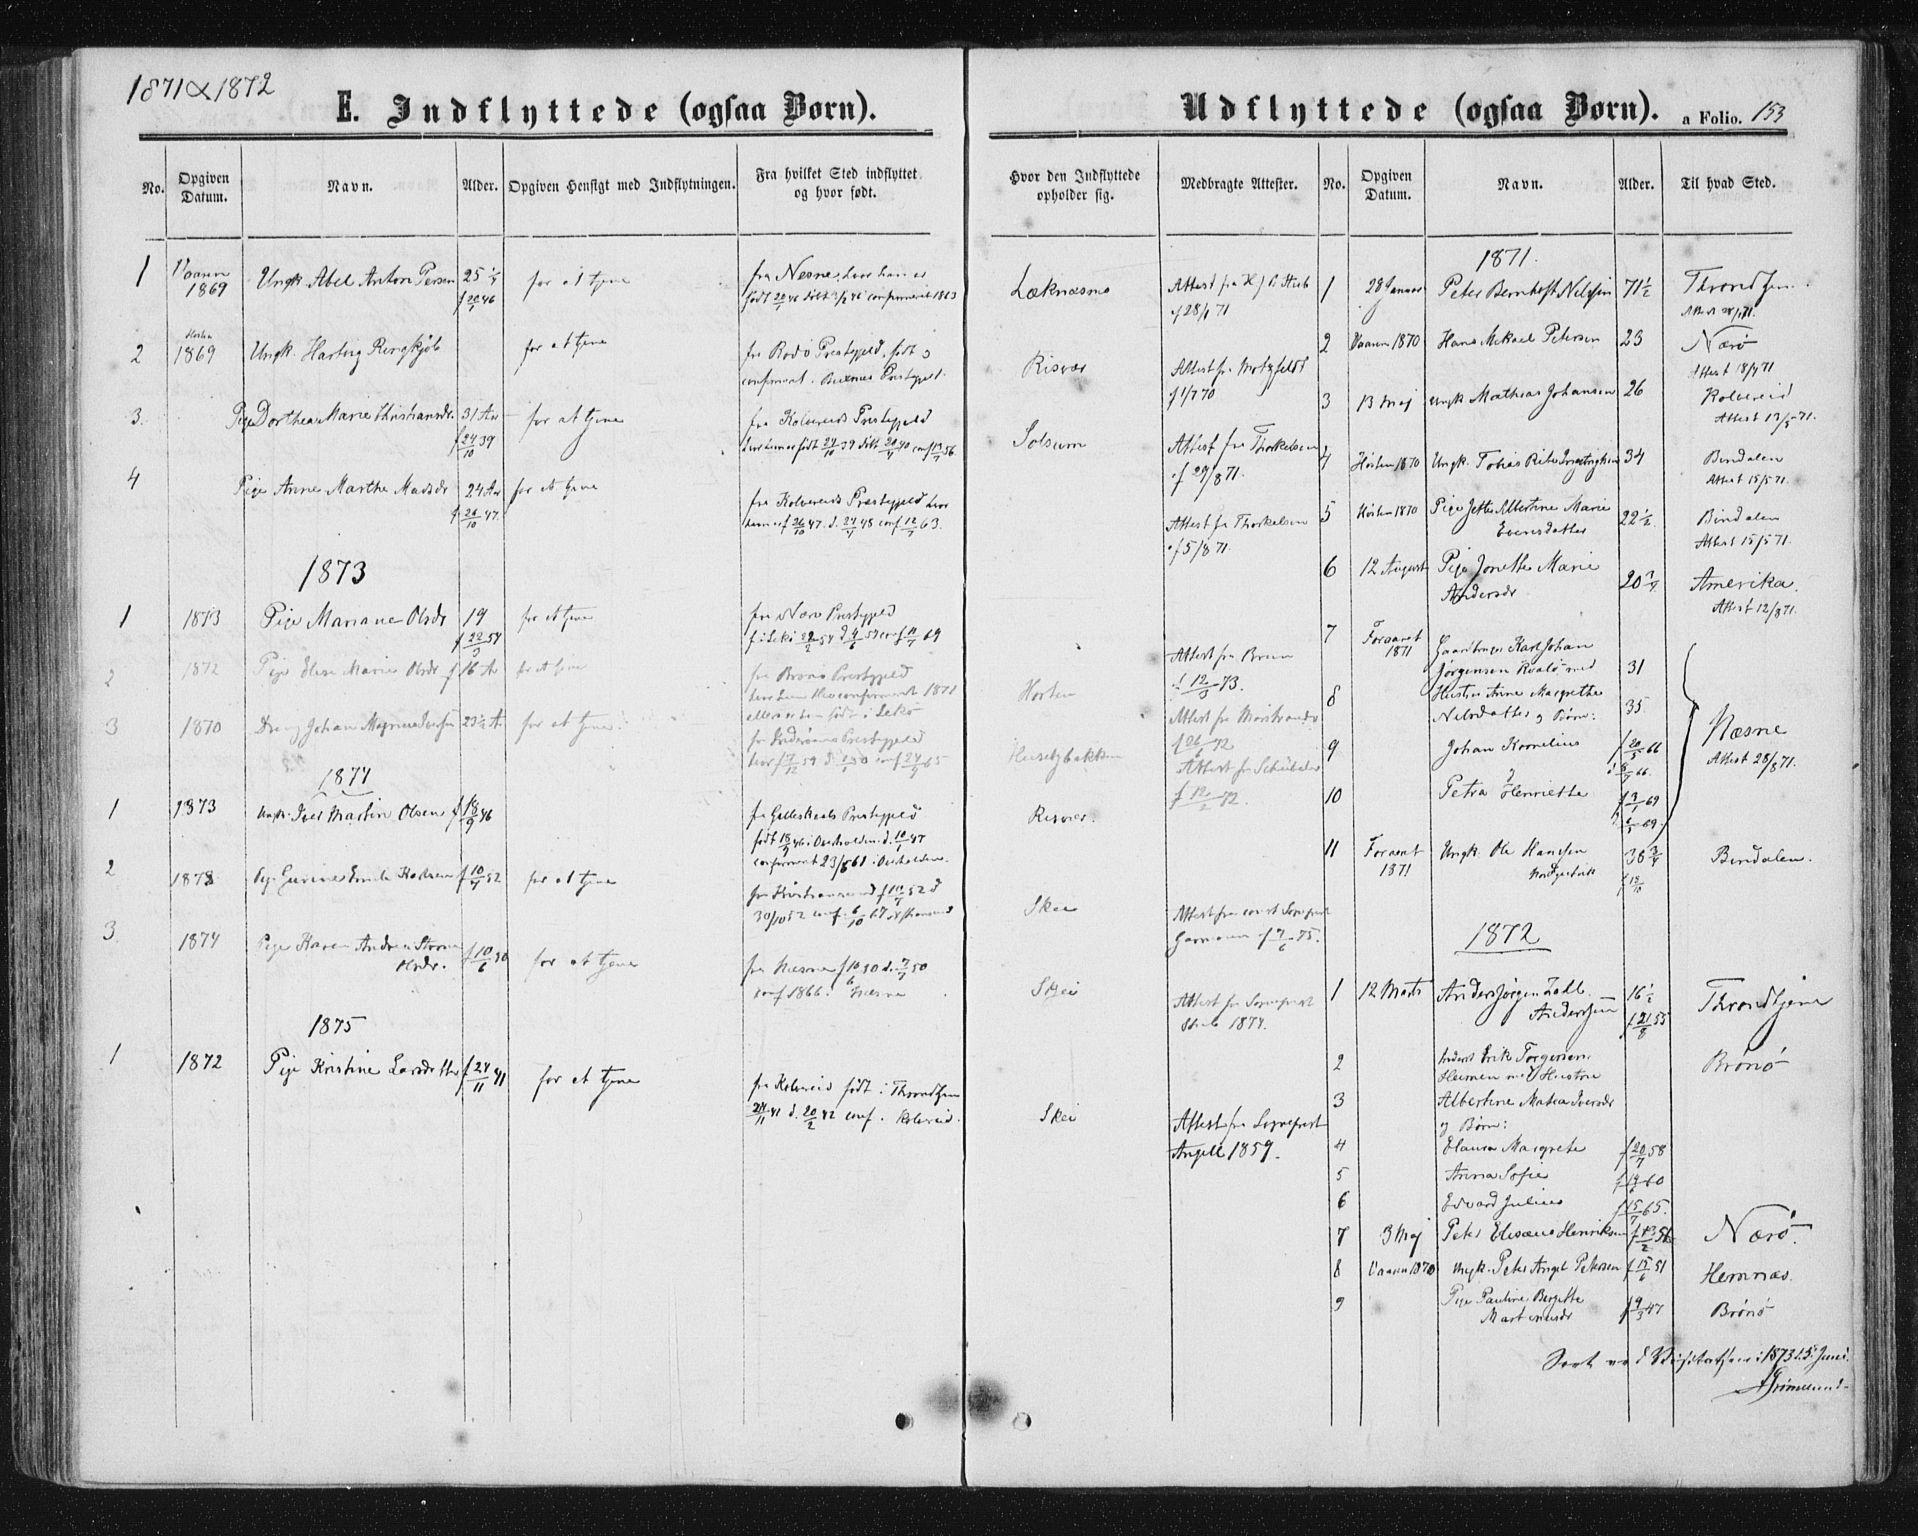 SAT, Ministerialprotokoller, klokkerbøker og fødselsregistre - Nord-Trøndelag, 788/L0696: Ministerialbok nr. 788A03, 1863-1877, s. 153